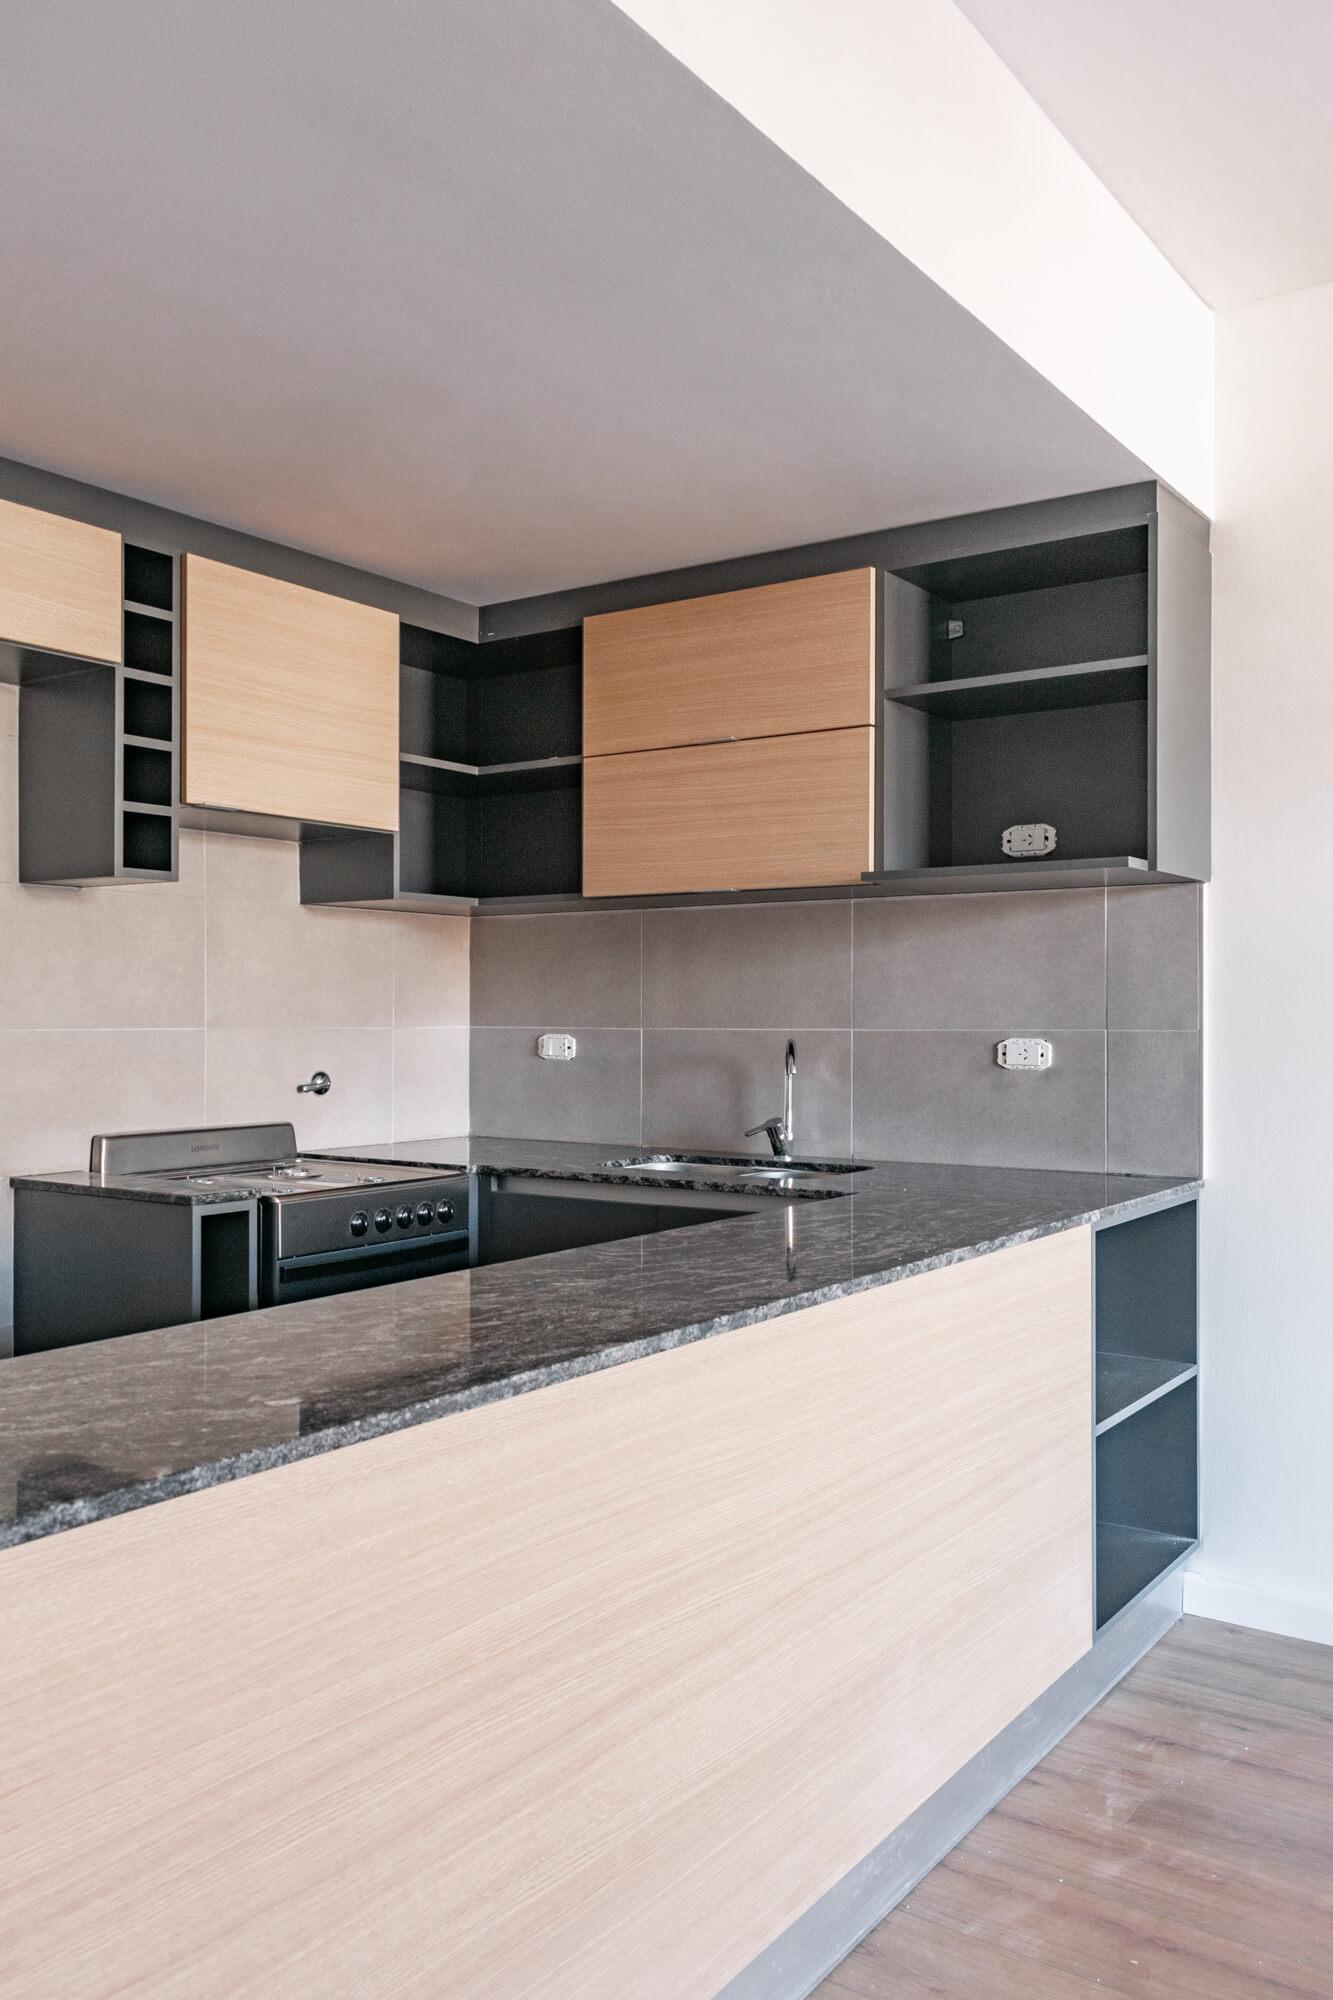 Cocina - Constructora en Rosario